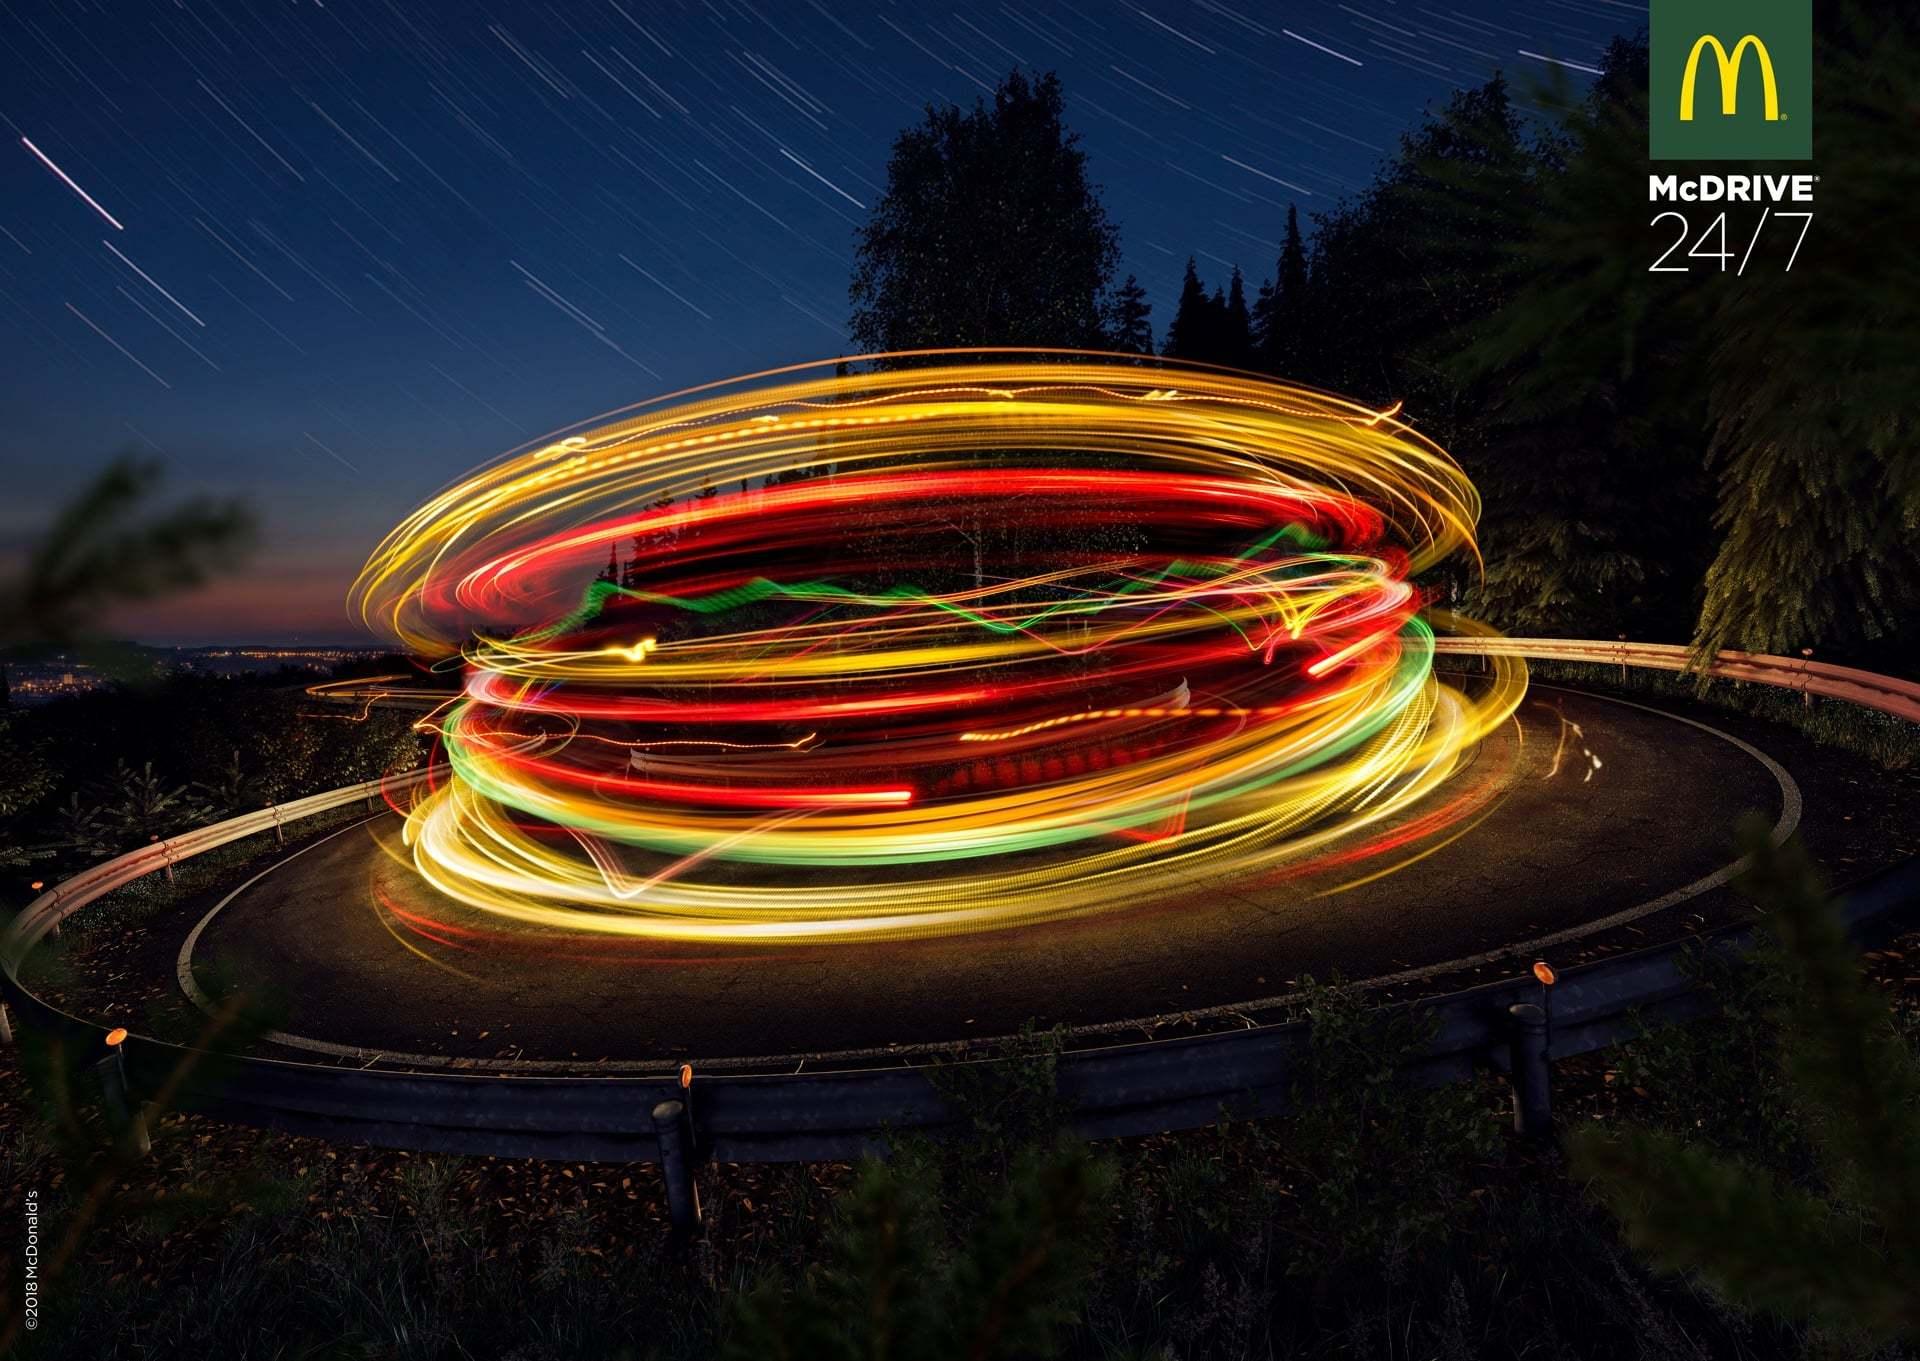 Uzun Pozlama Gibisi Yok: McDonald's'tan Işık Hızında Menü